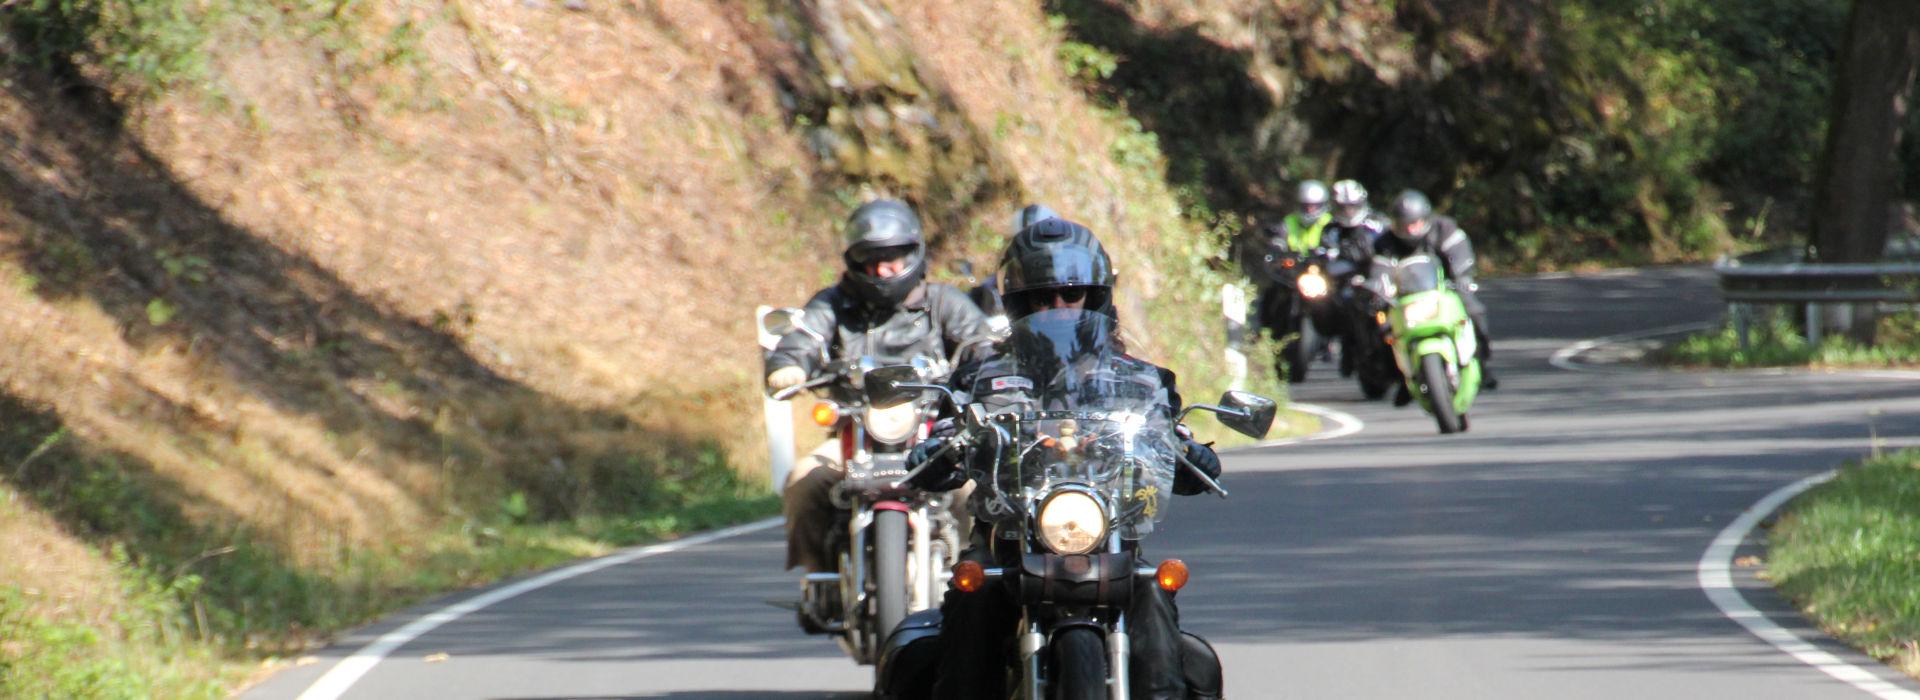 Motorrijbewijspoint Wessem spoed motorrijbewijs